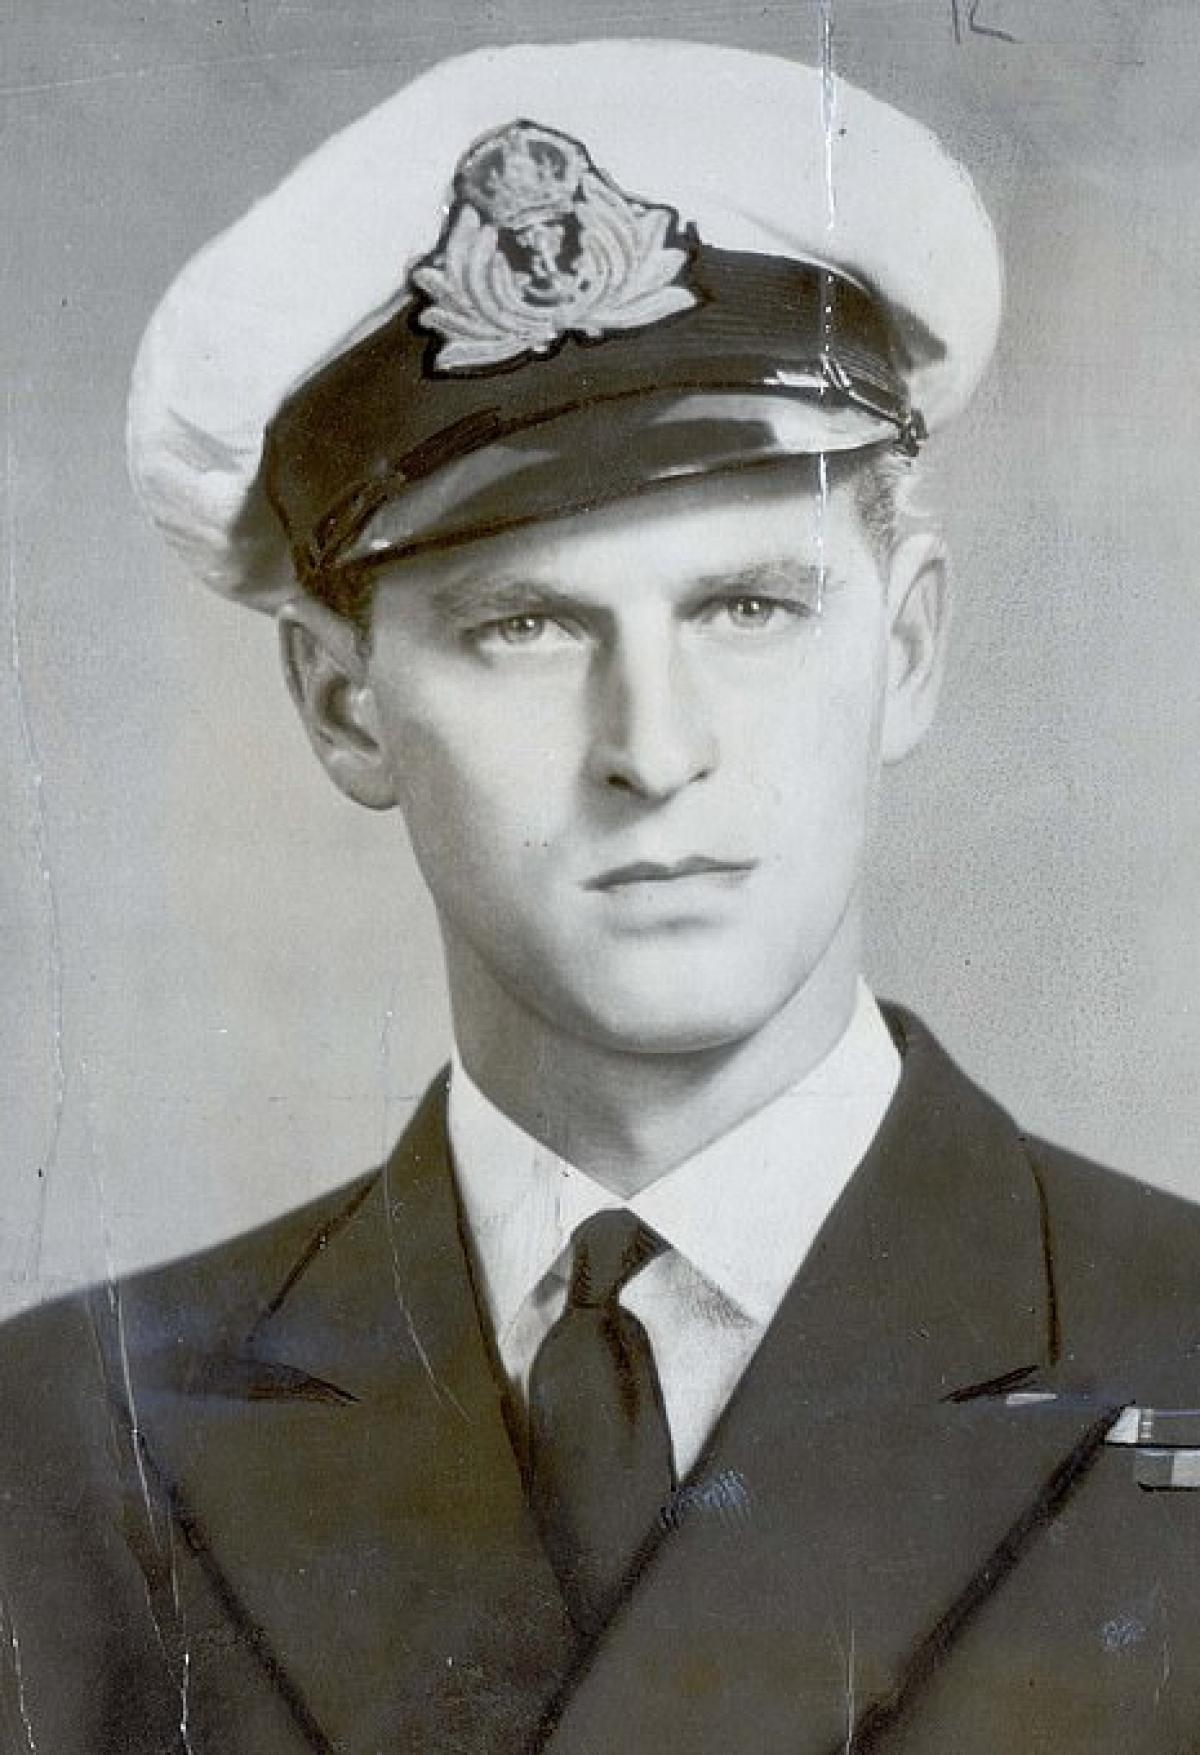 Hoàng thân Philip năm 21 tuổi. Ảnh: Daily Mail